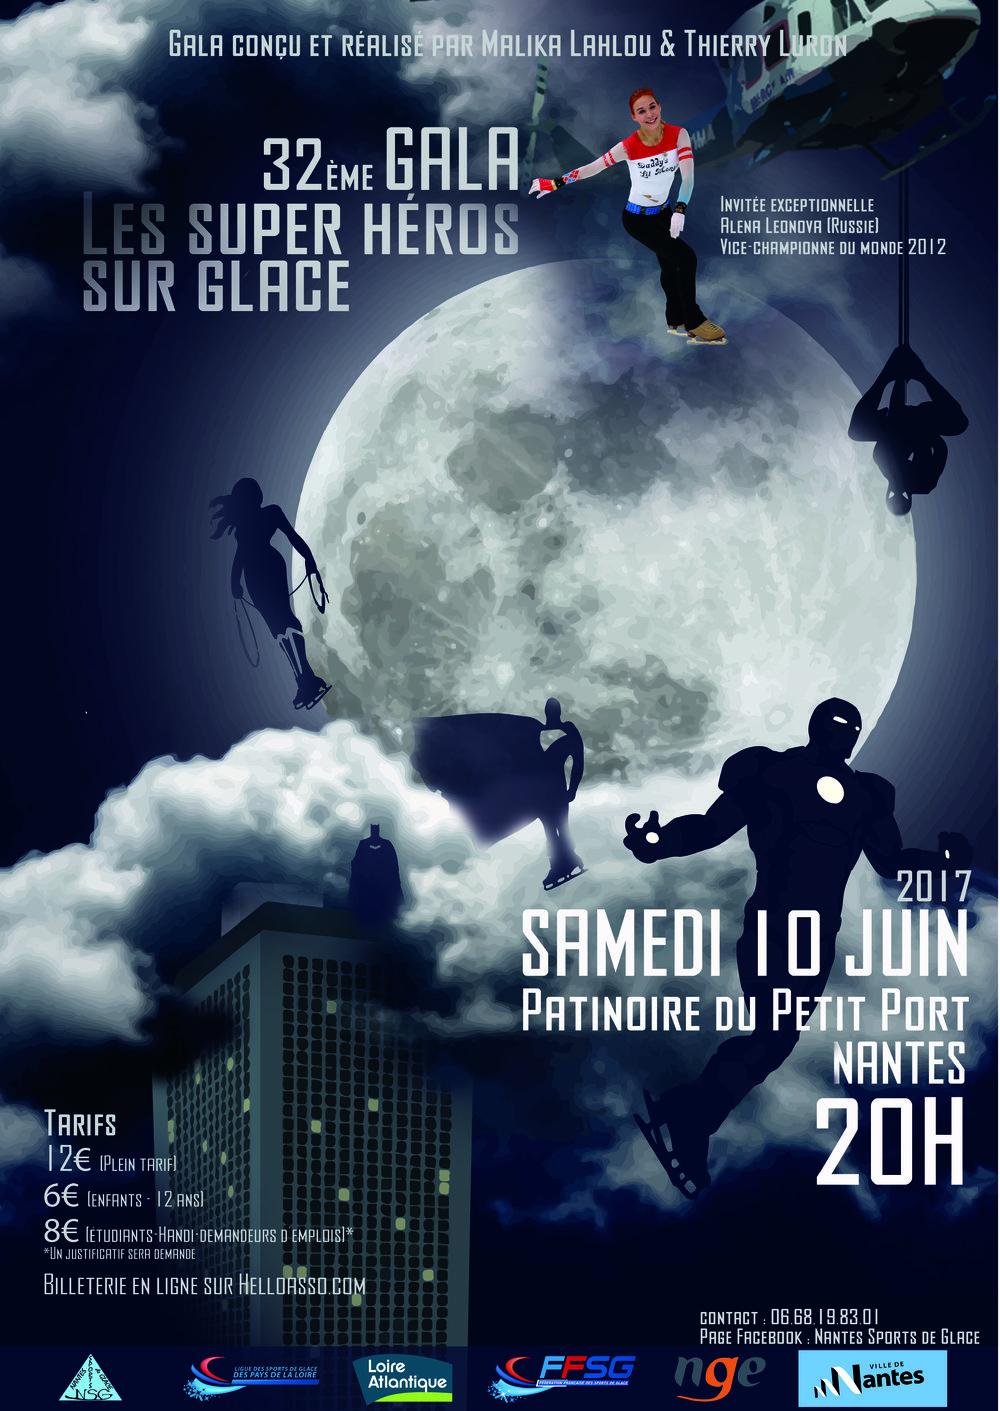 Affiche du gala 2017 - Les Super Héros sur Glace